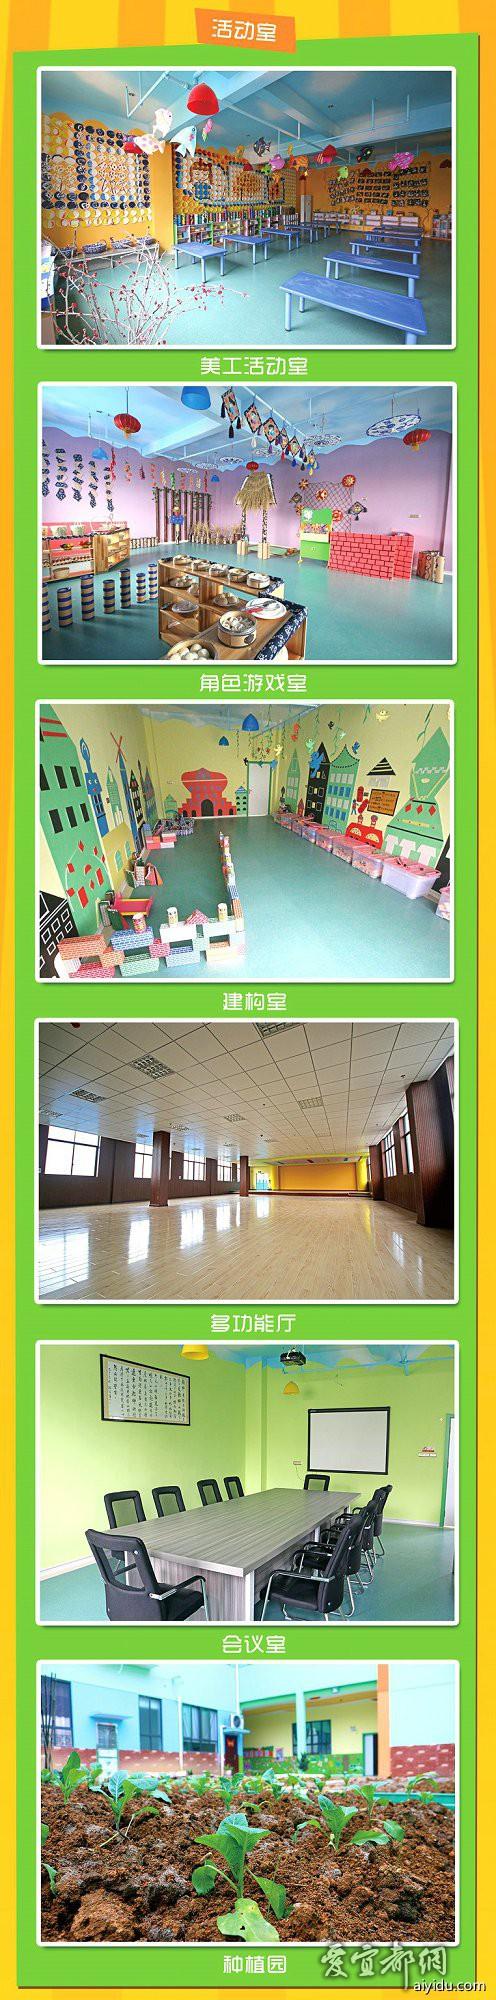 枝城鎮幼兒園2016春季招聘